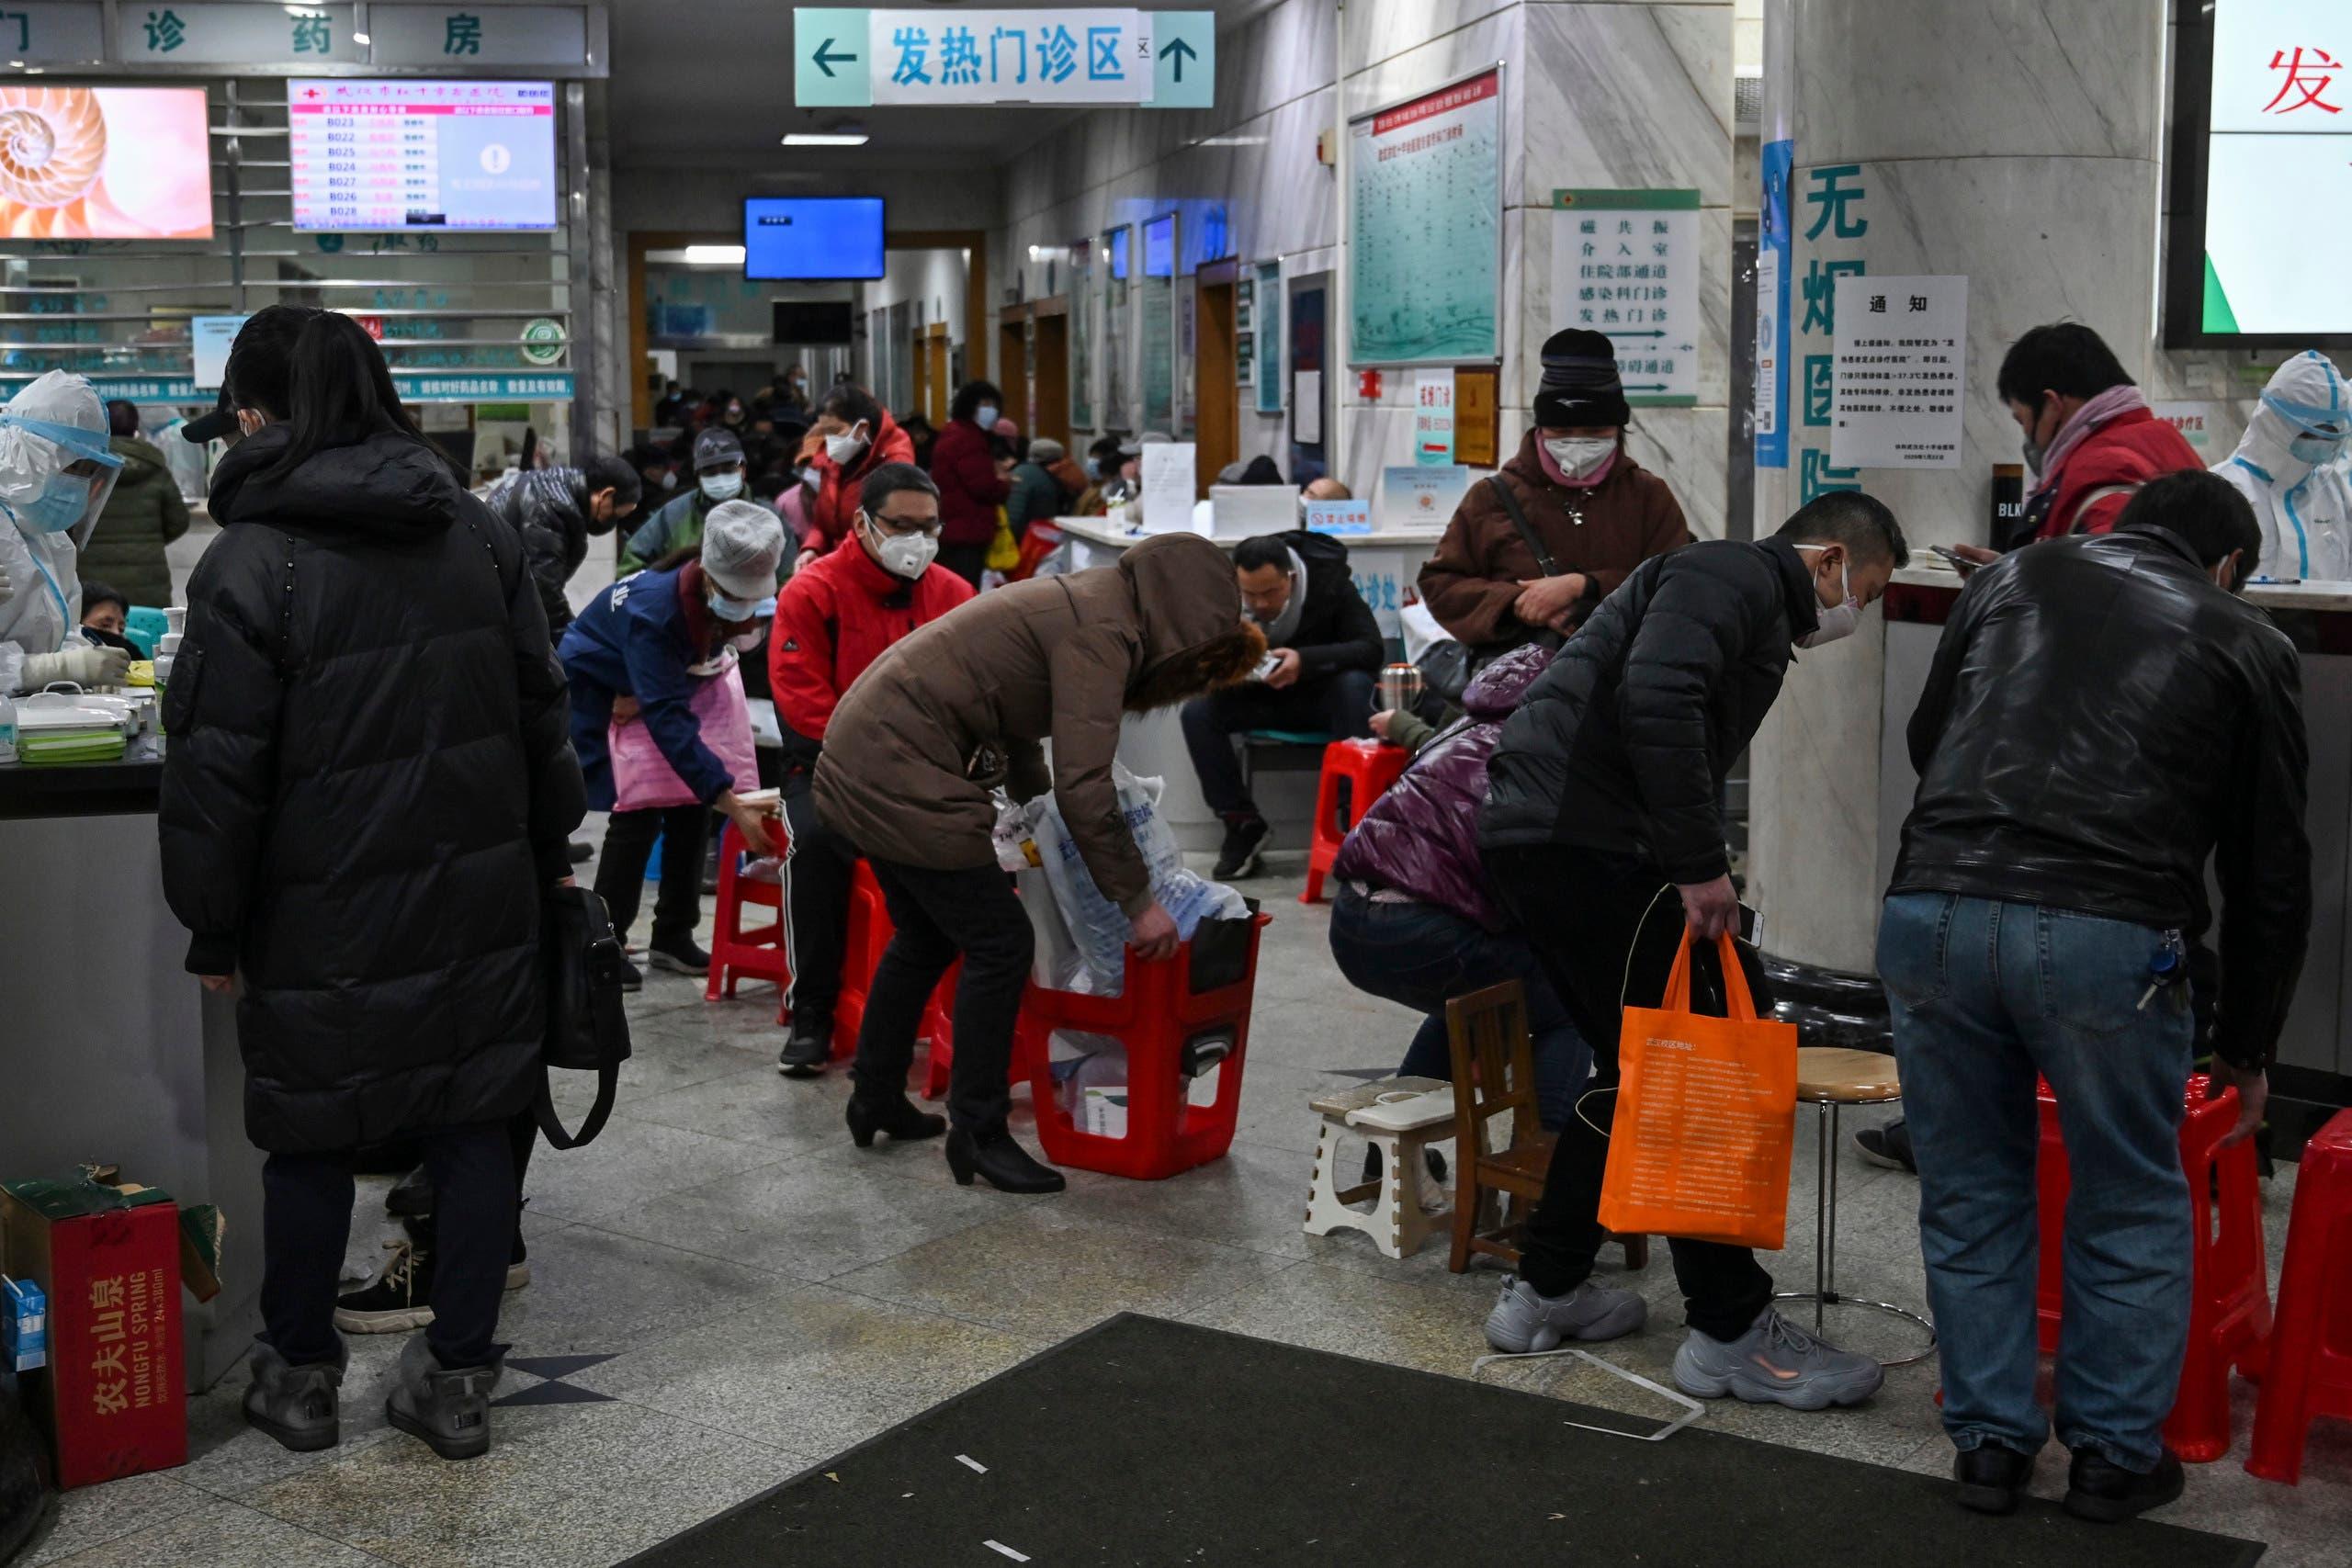 من مدينة ووهان الصينية